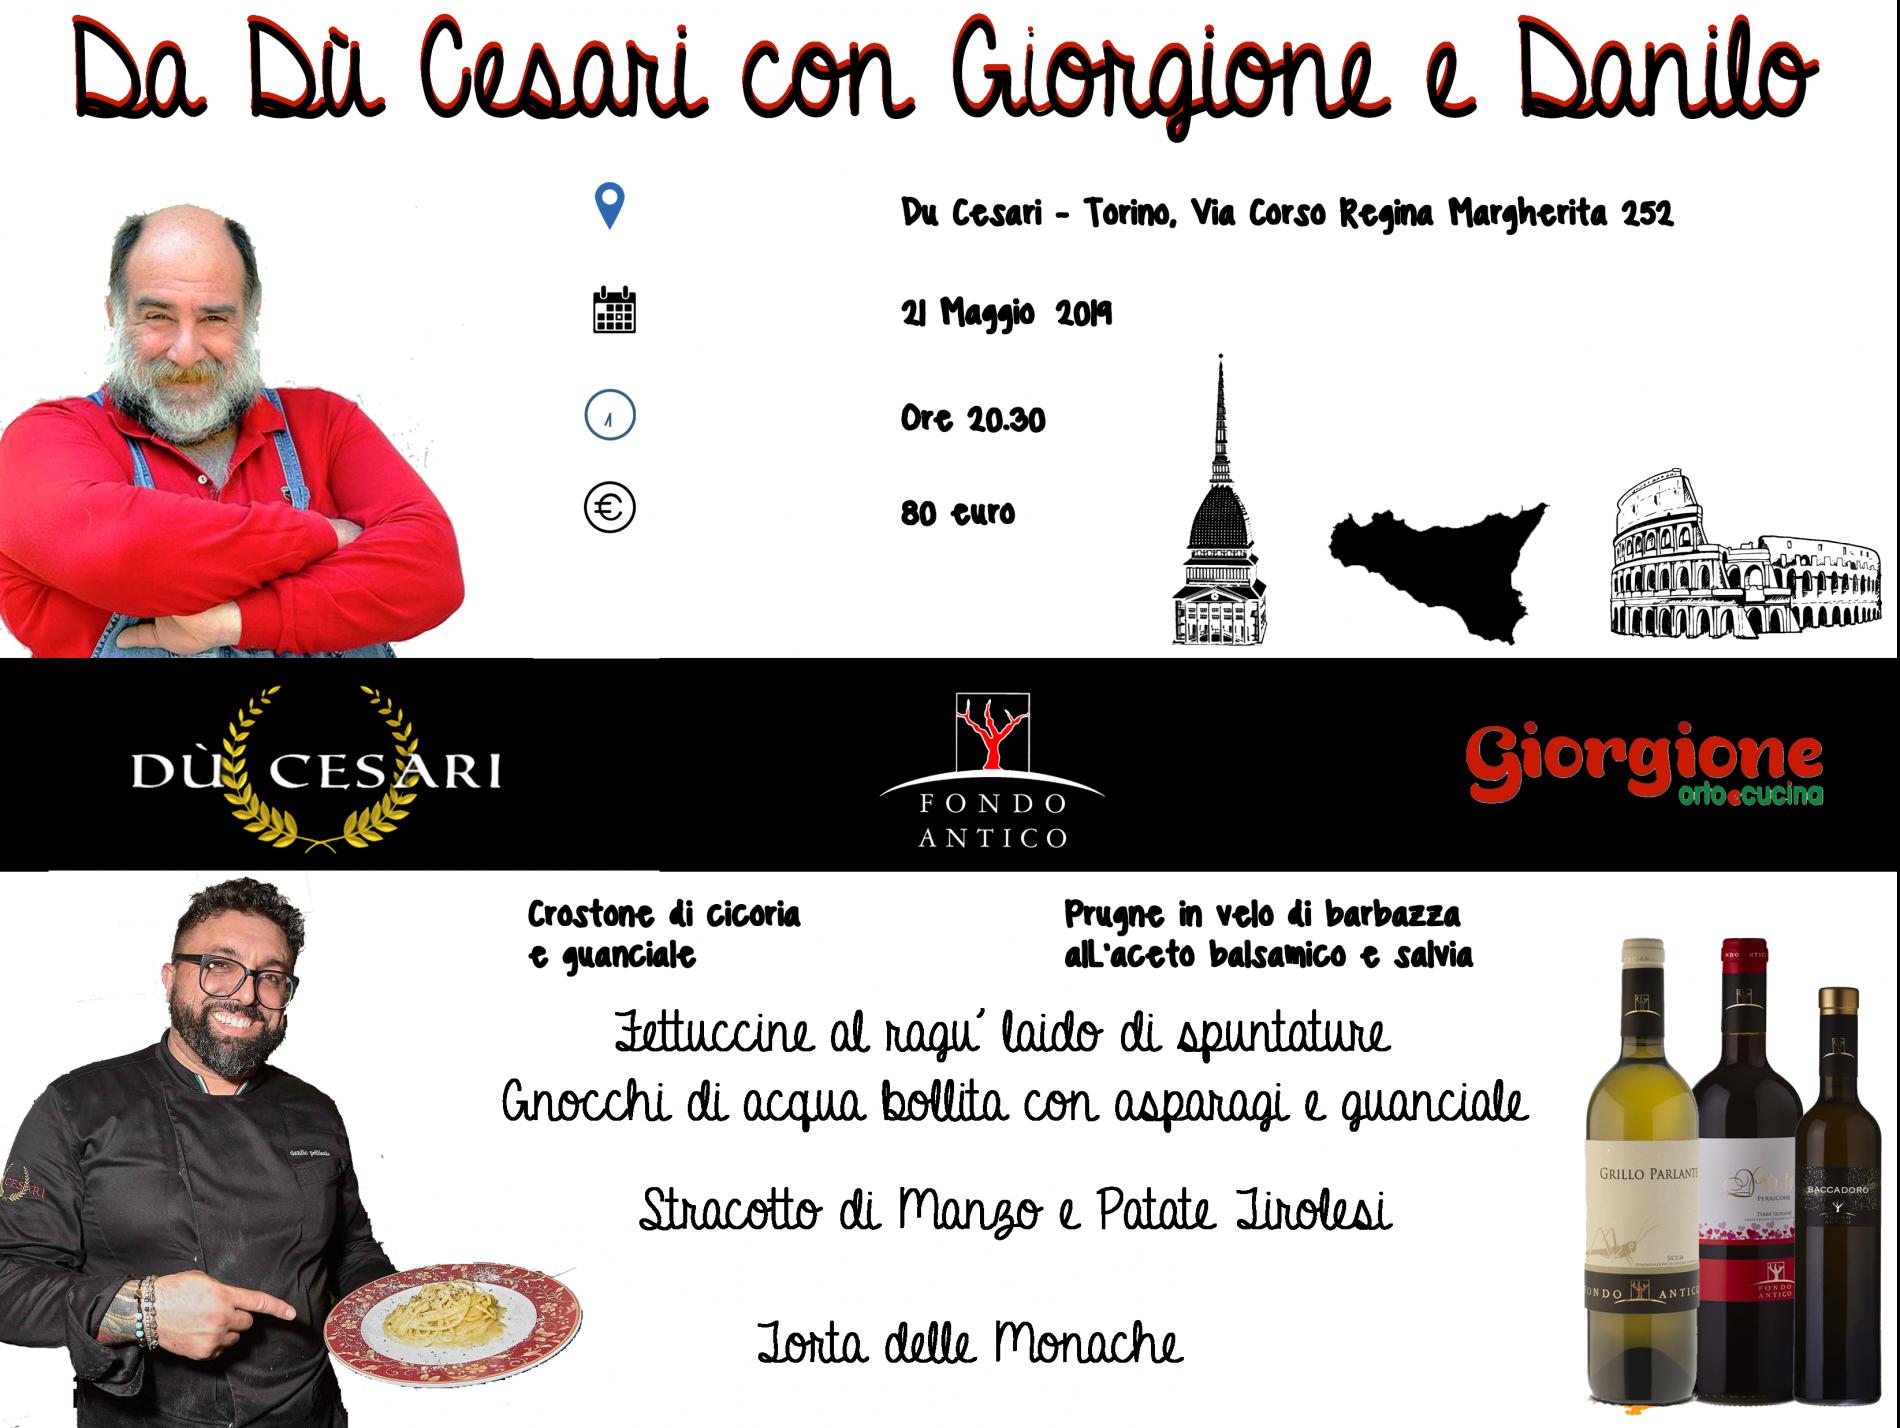 #Danilo&Giorgione – A story at Dù Cesari in Turino